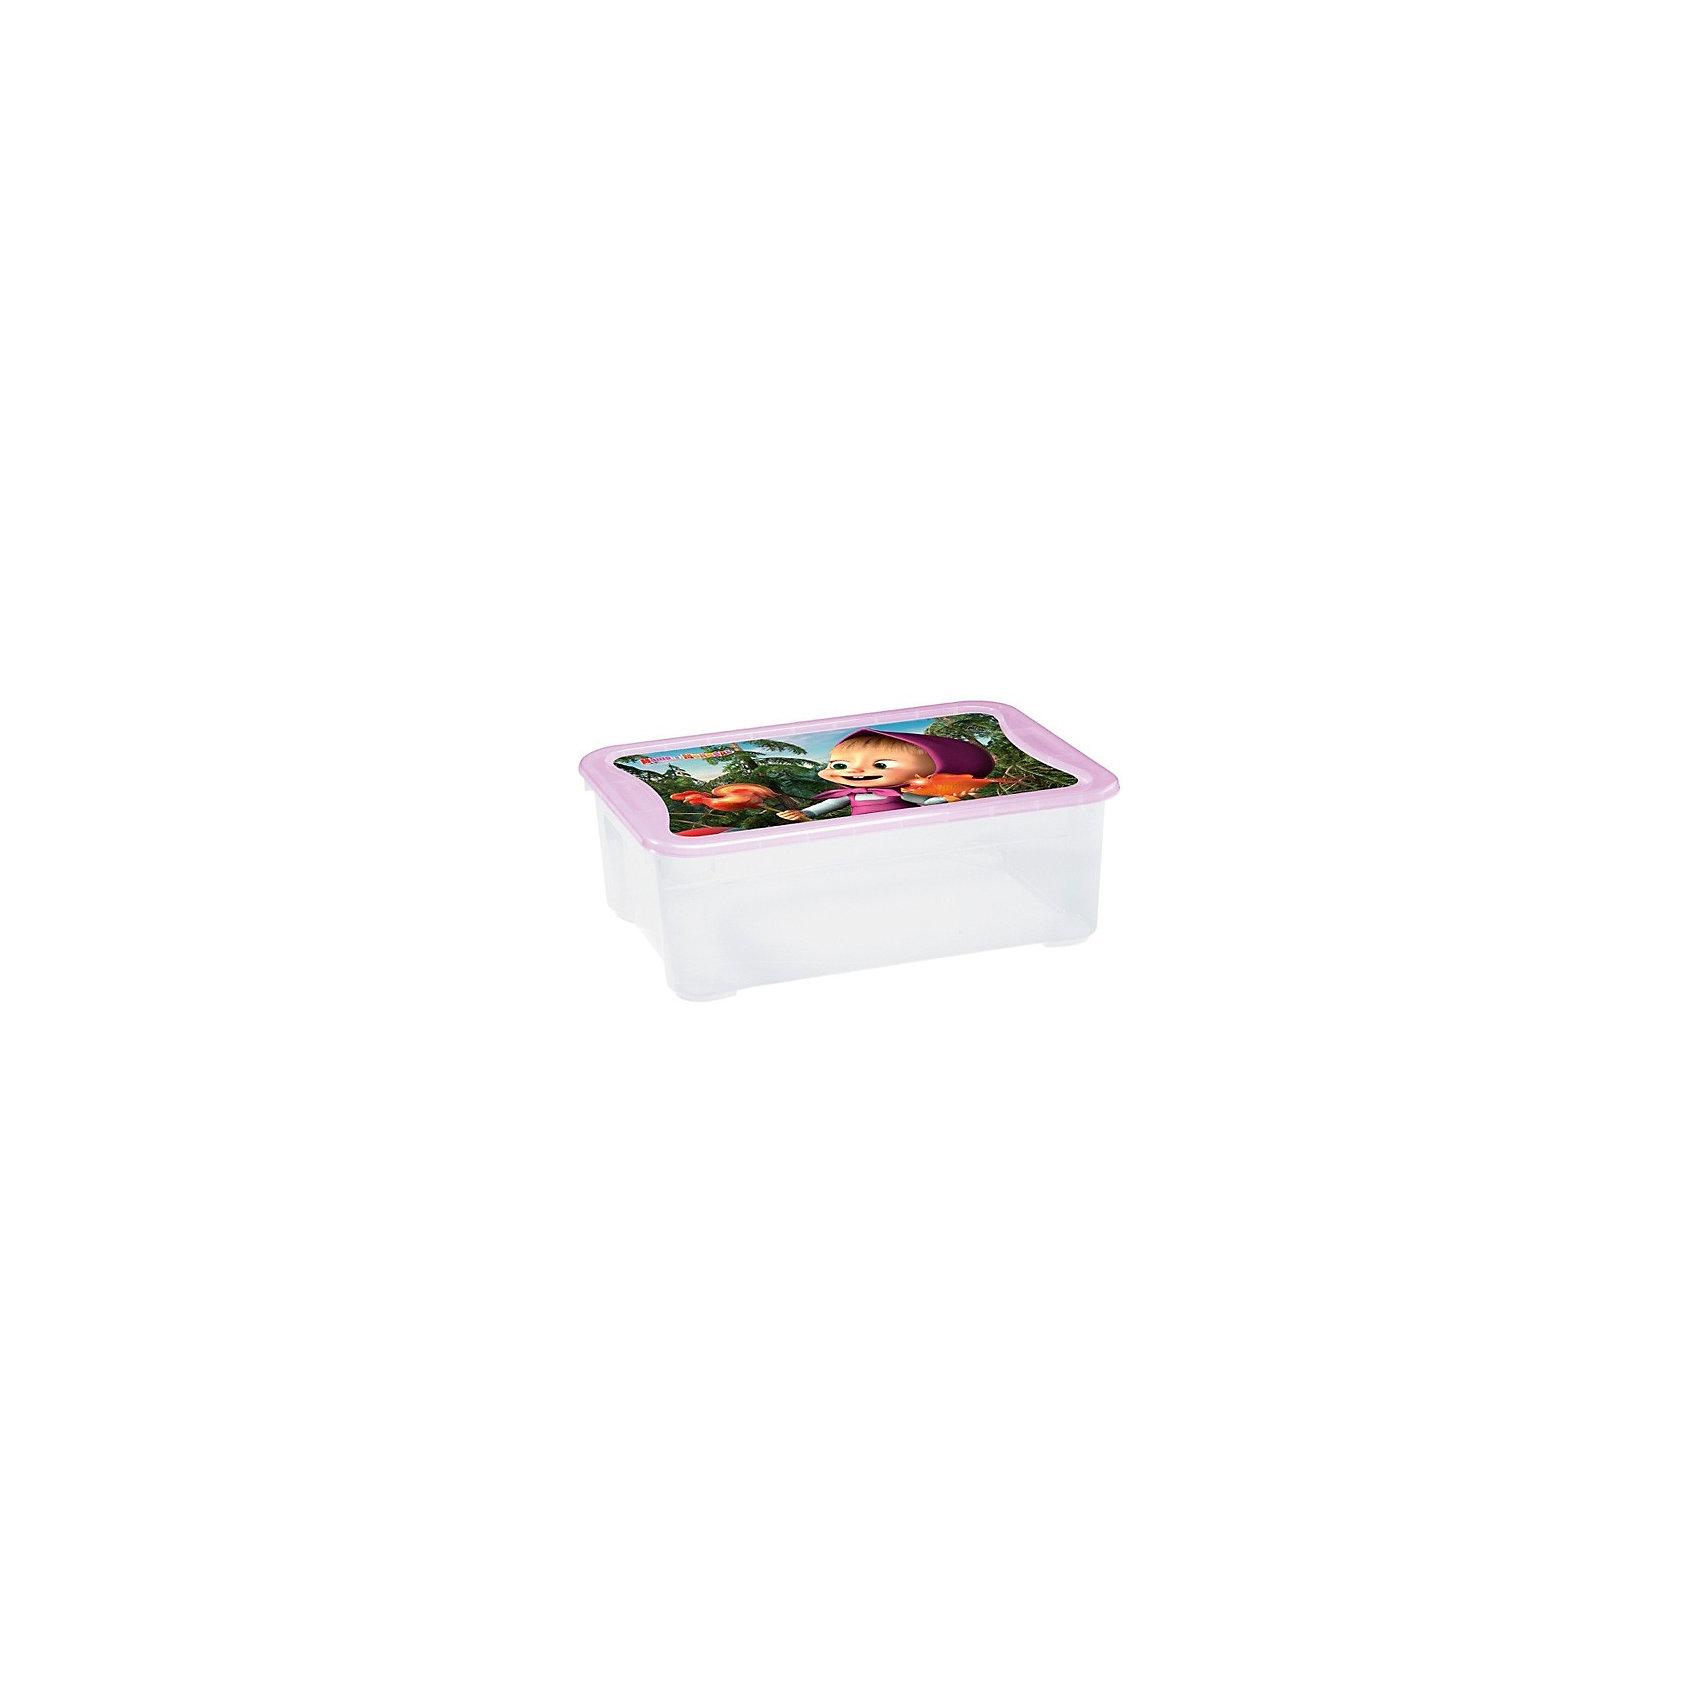 Пластишка Ящик для игрушек 555х390х190 мм Маша и Медведь, Пластишка, сиреневый пластишка горка для купания детей пластишка